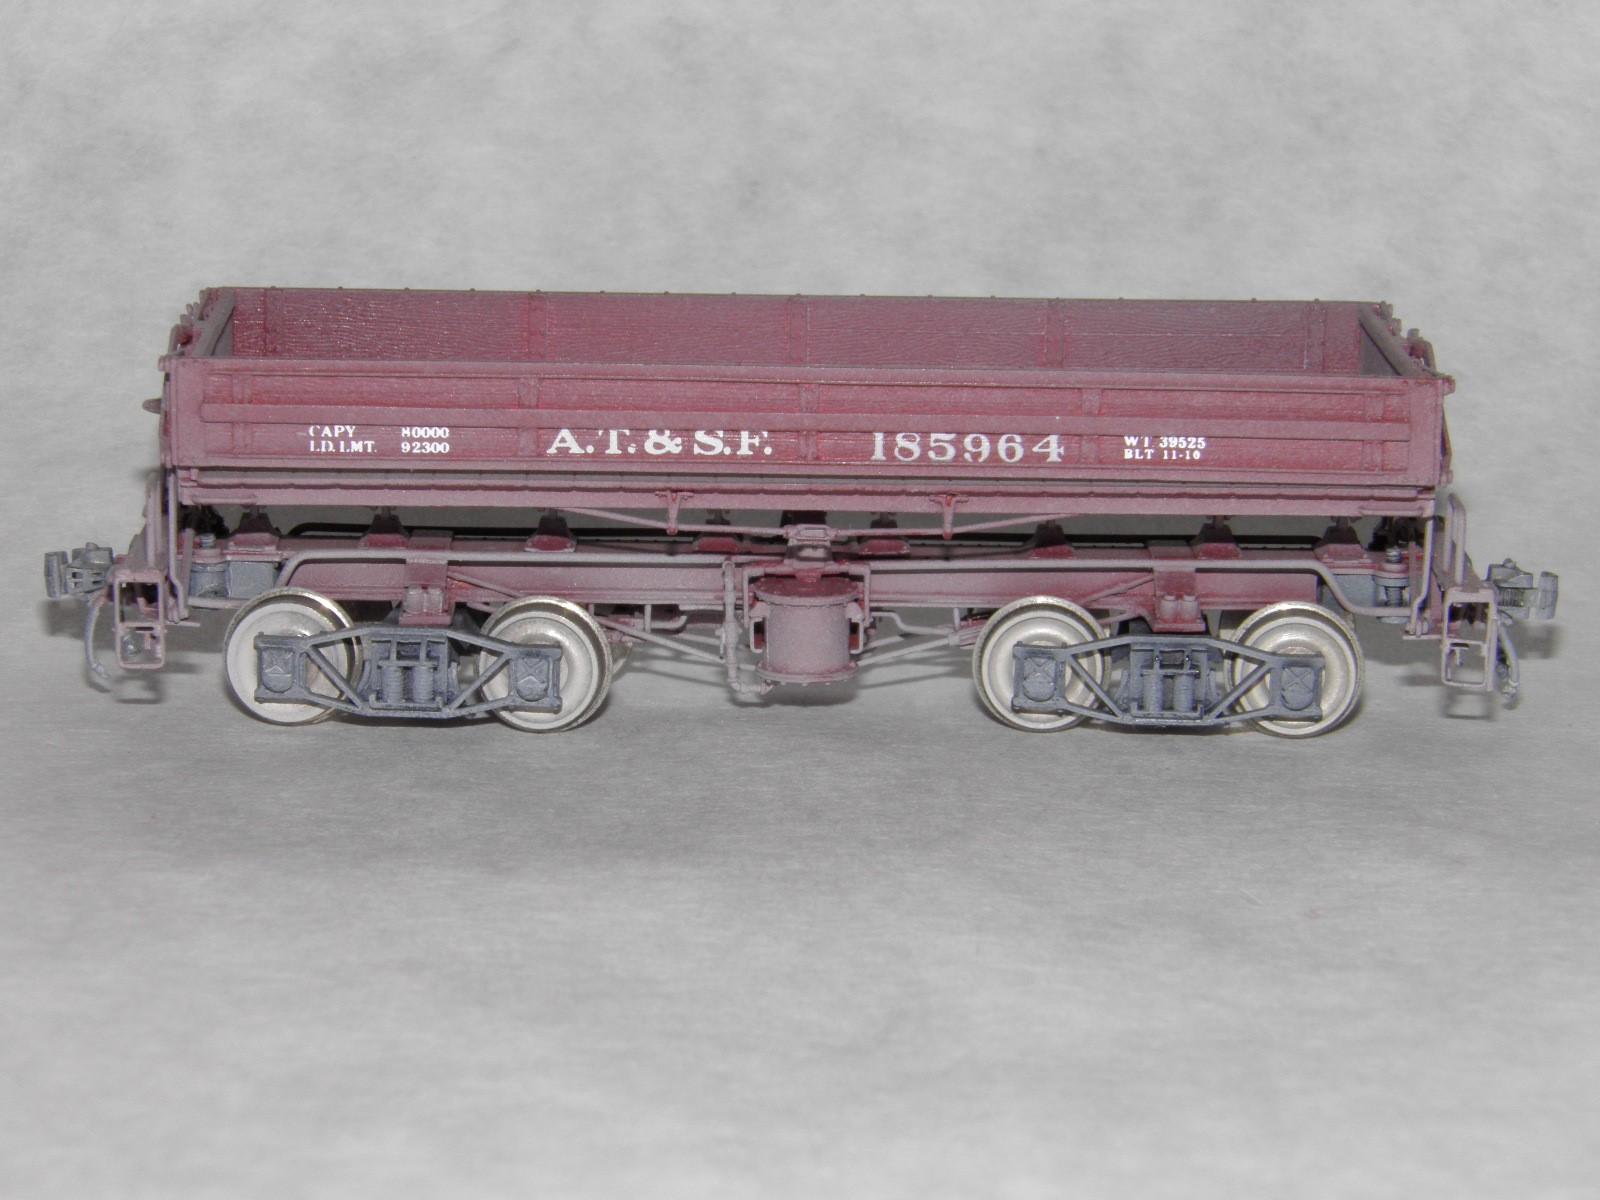 ATSF Ga-36 air dump #185964 (model)